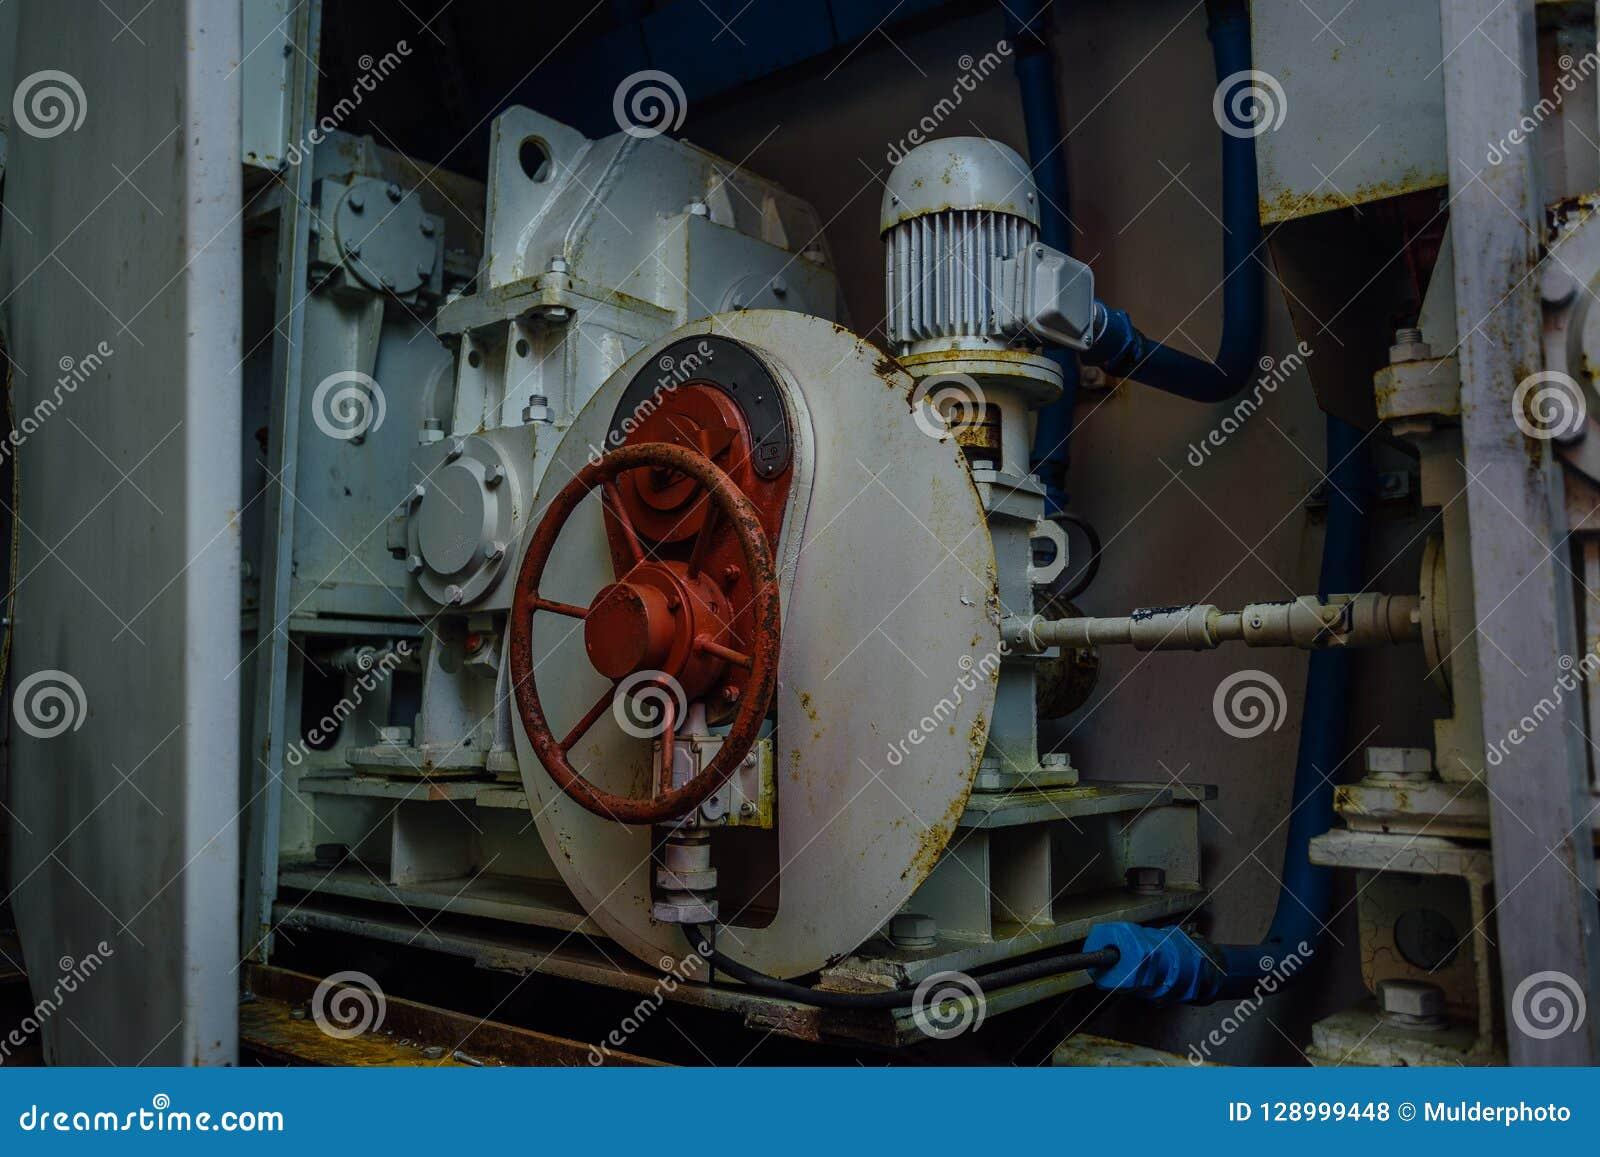 Клапан и двигатель гидравлической системы герметичного управления дверей в бункере